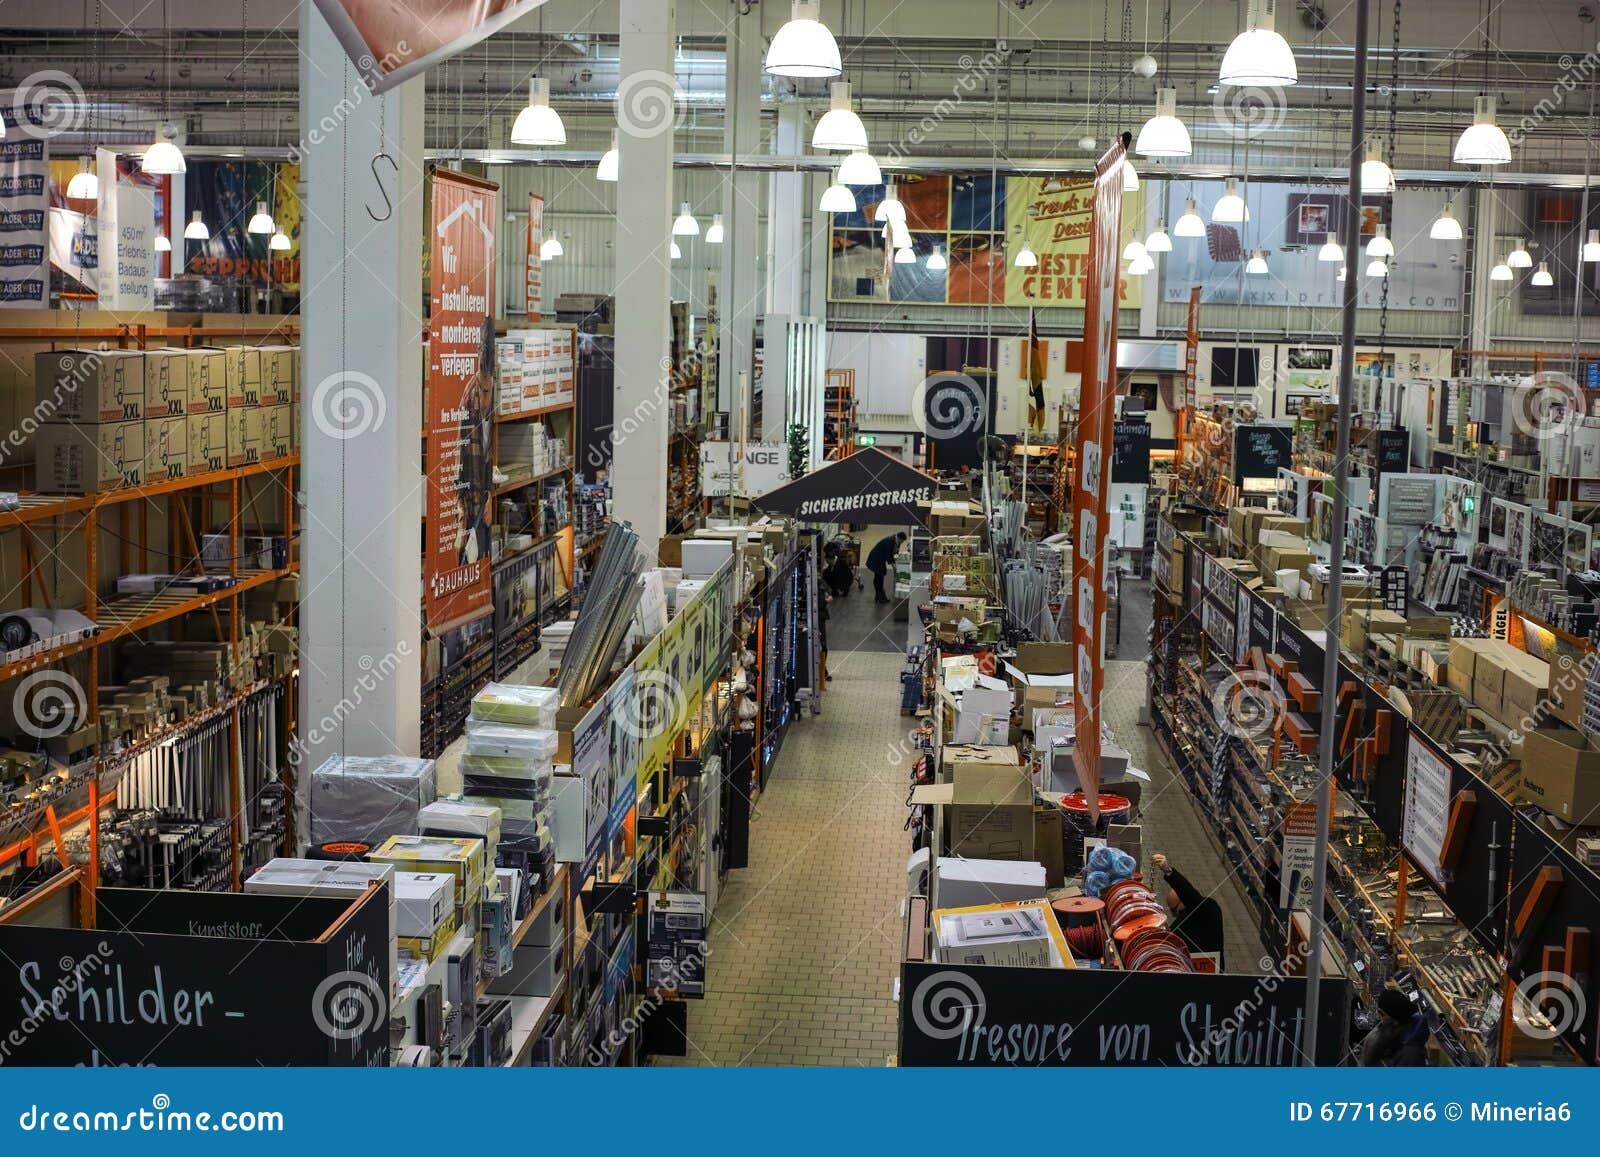 Tienda de los materiales de construcci n foto editorial - Materiales de construccion precios espana ...